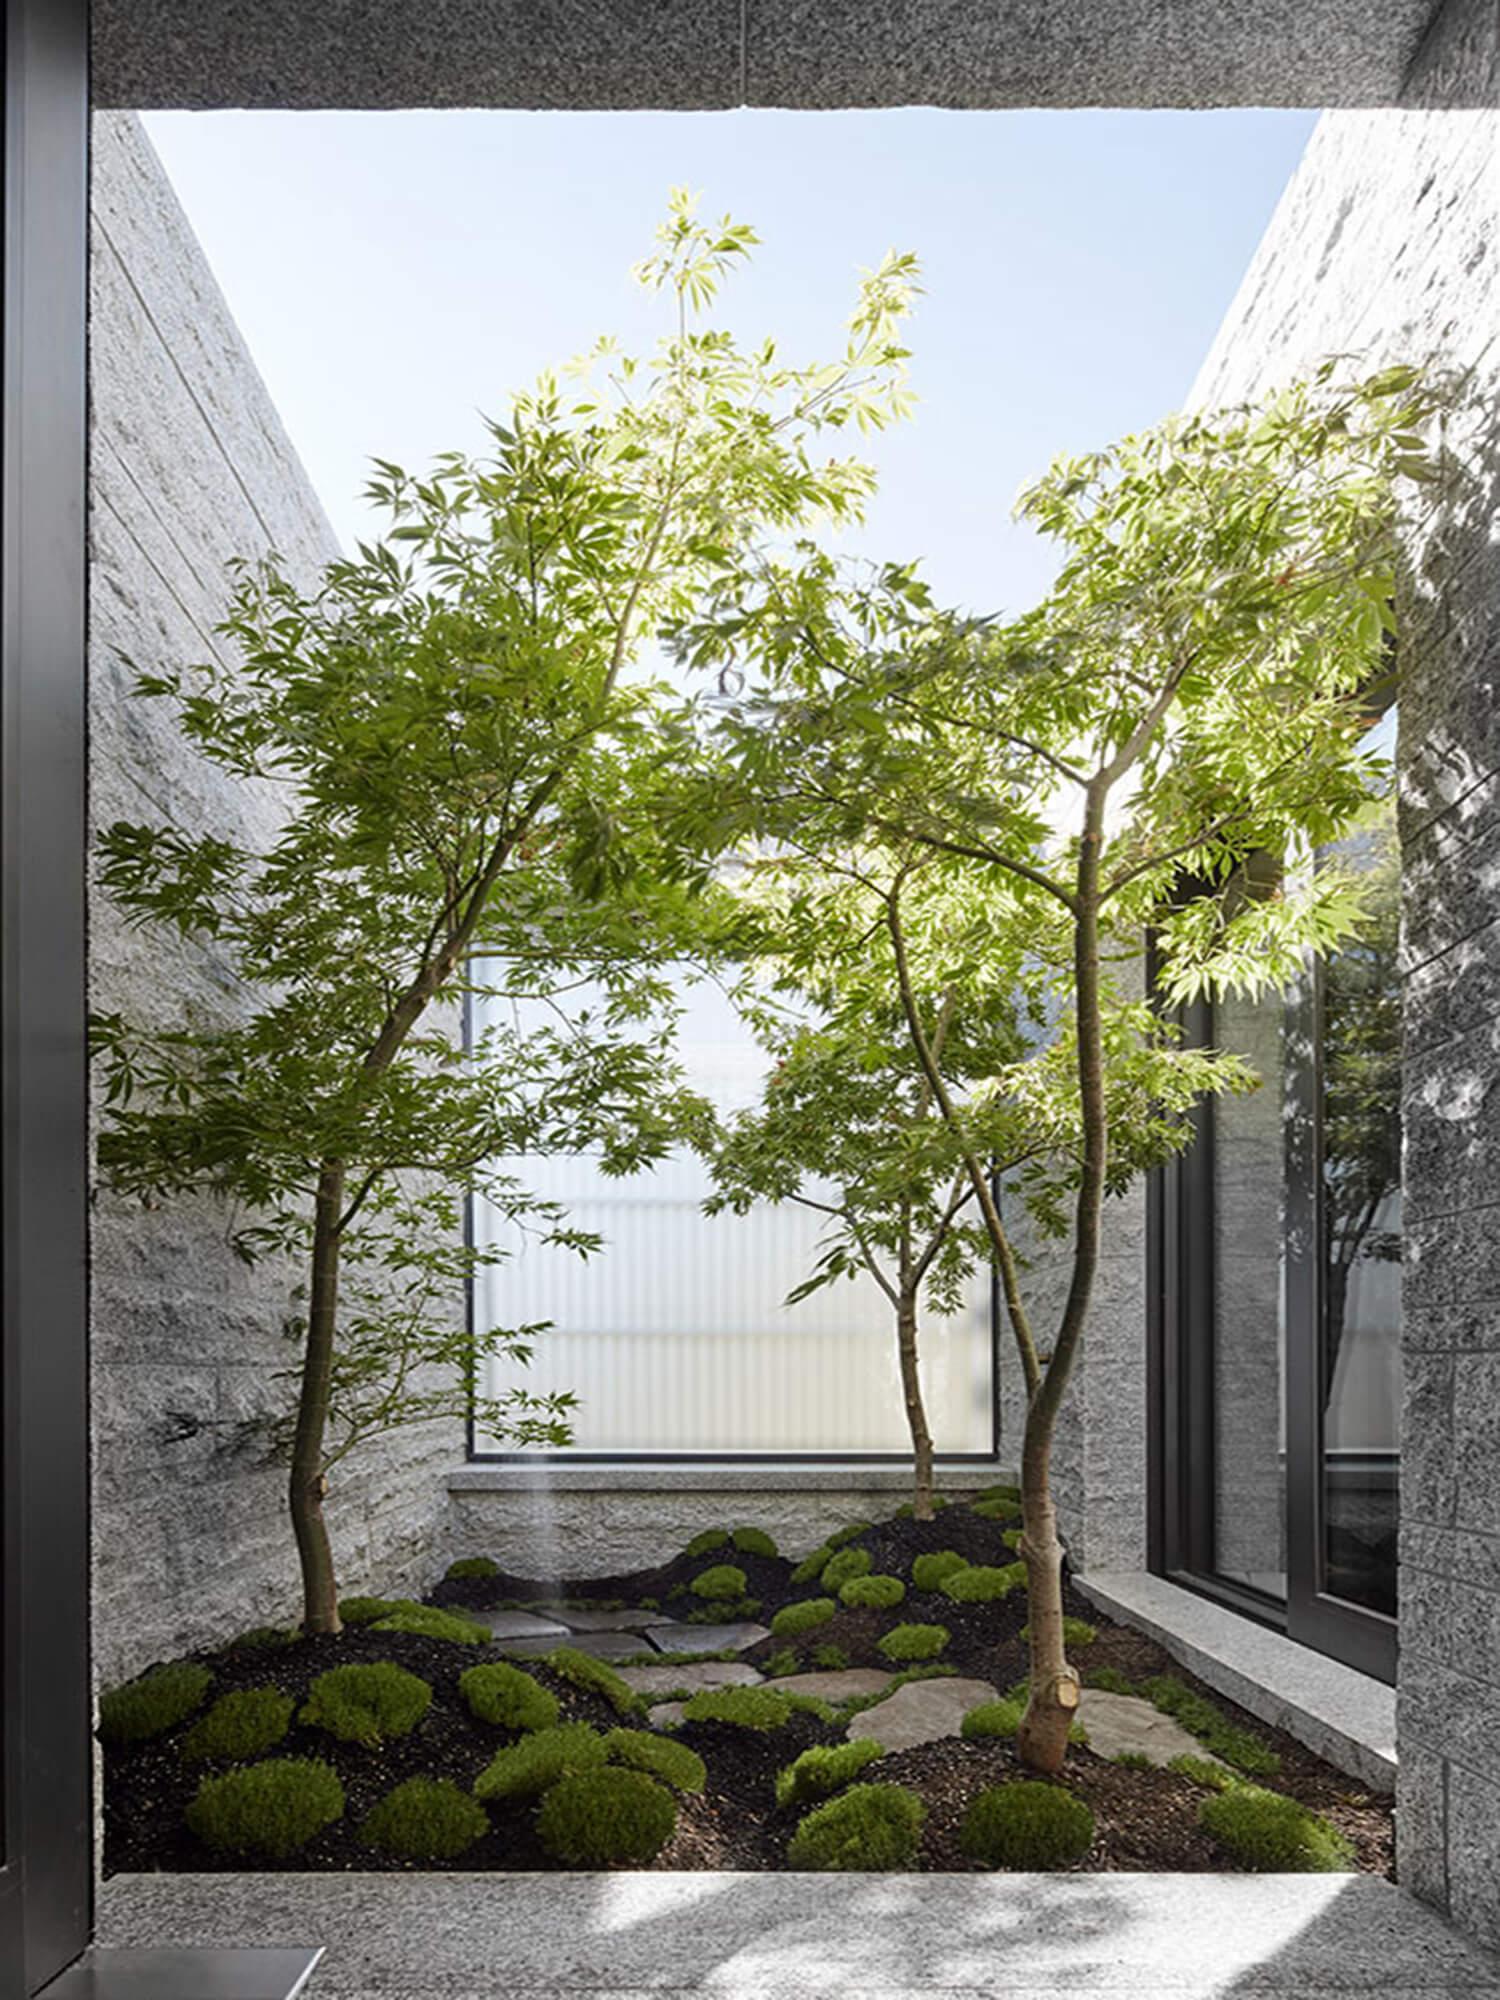 est living  interiors b.e architecture Armadale image 02